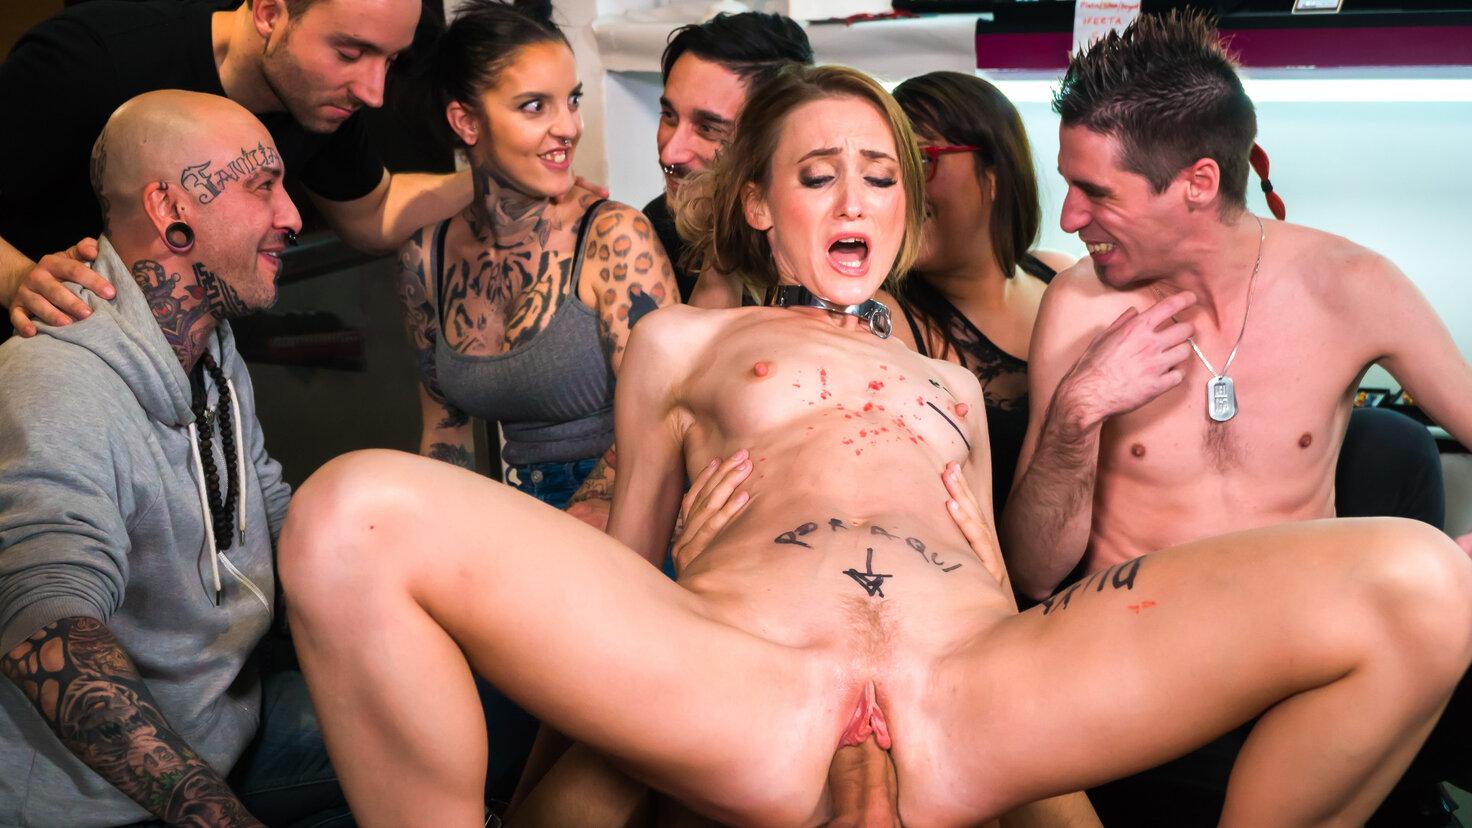 Slim babe enjoys erotic humiliation & bondage sex